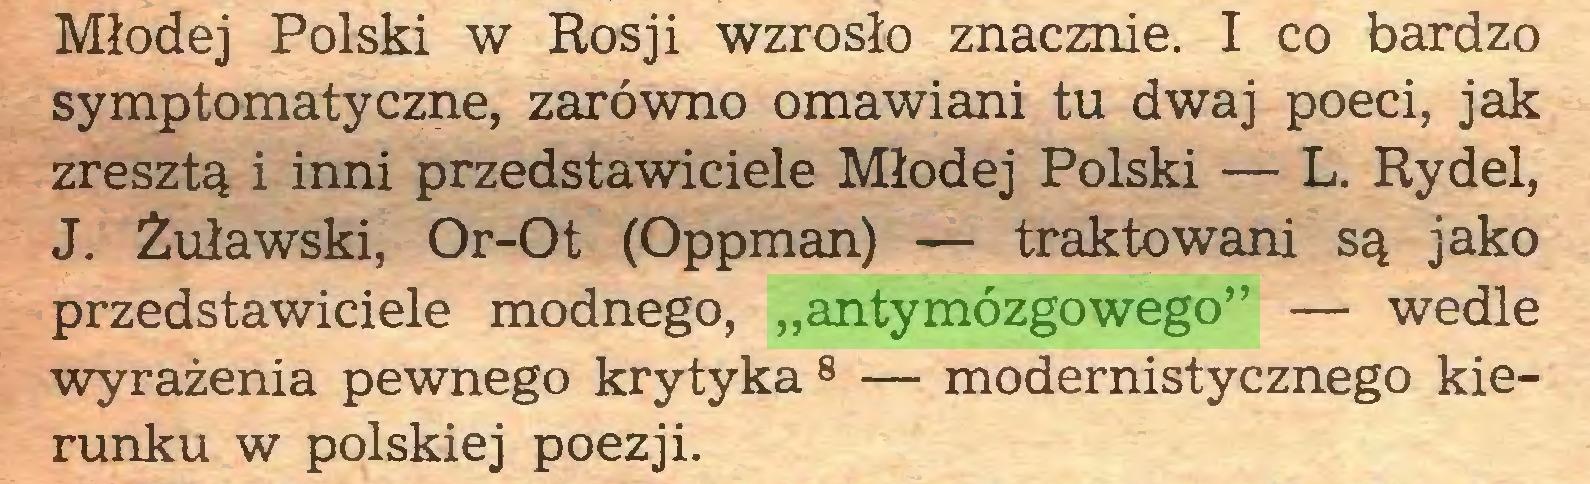 """(...) Młodej Polski w Rosji wzrosło znacznie. I co bardzo symptomatyczne, zarówno omawiani tu dwaj poeci, jak zresztą i inni przedstawiciele Młodej Polski — L. Rydel, J. Żuławski, Or-Ot (Oppman) — traktowani są jako przedstawiciele modnego, """"antymózgowego"""" — wedle wyrażenia pewnego krytyka 8 — modernistycznego kierunku w polskiej poezji..."""